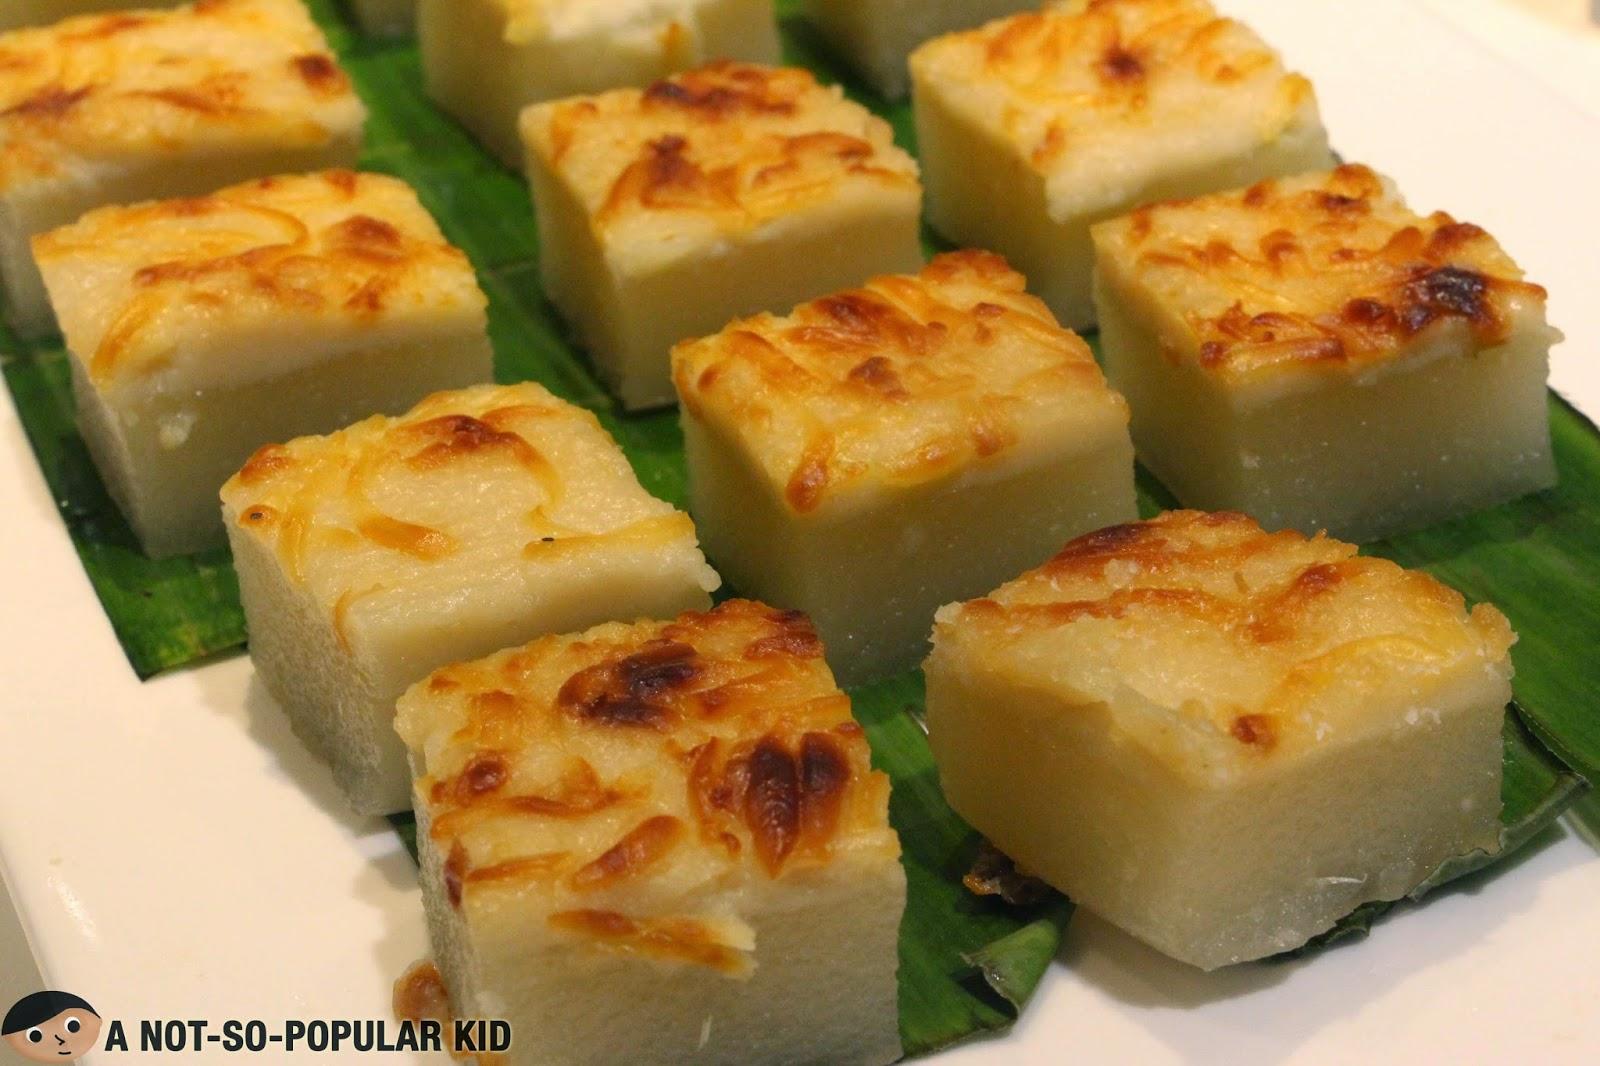 Maja Blanca Filipino Dessert with Cheese